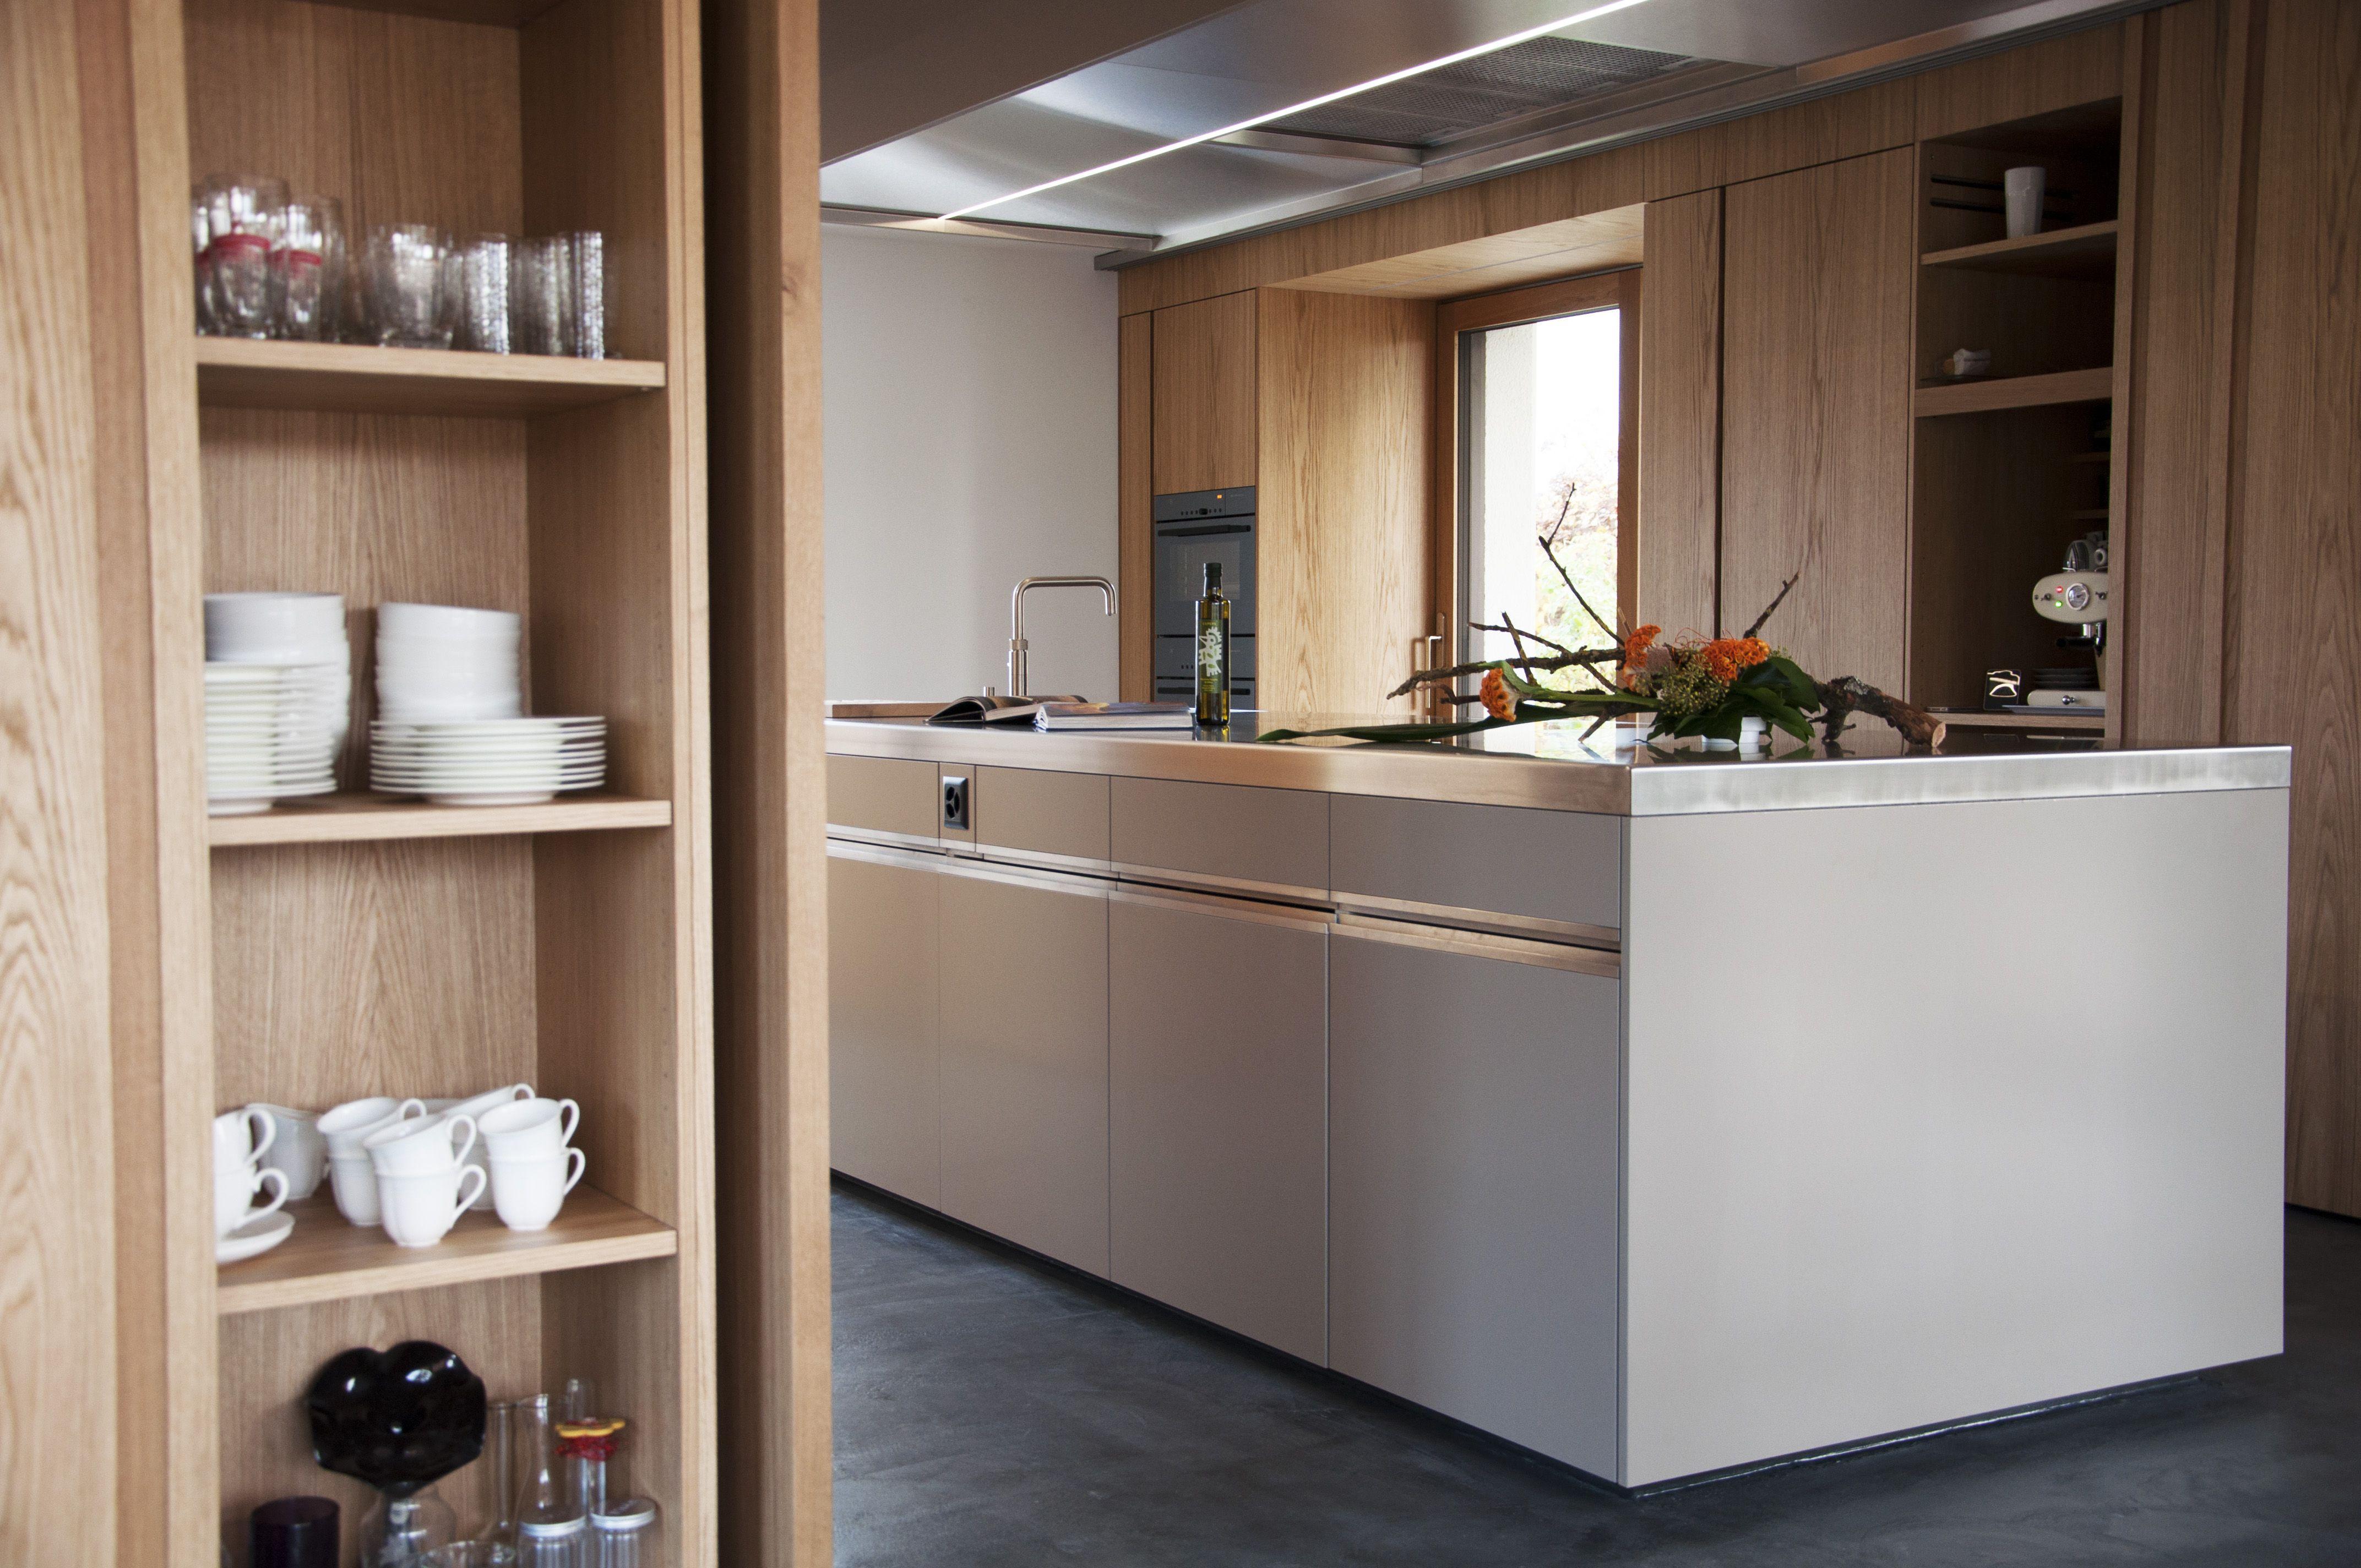 Niedlich Grau Lackiert Küchenwände Ideen - Ideen Für Die Küche ...